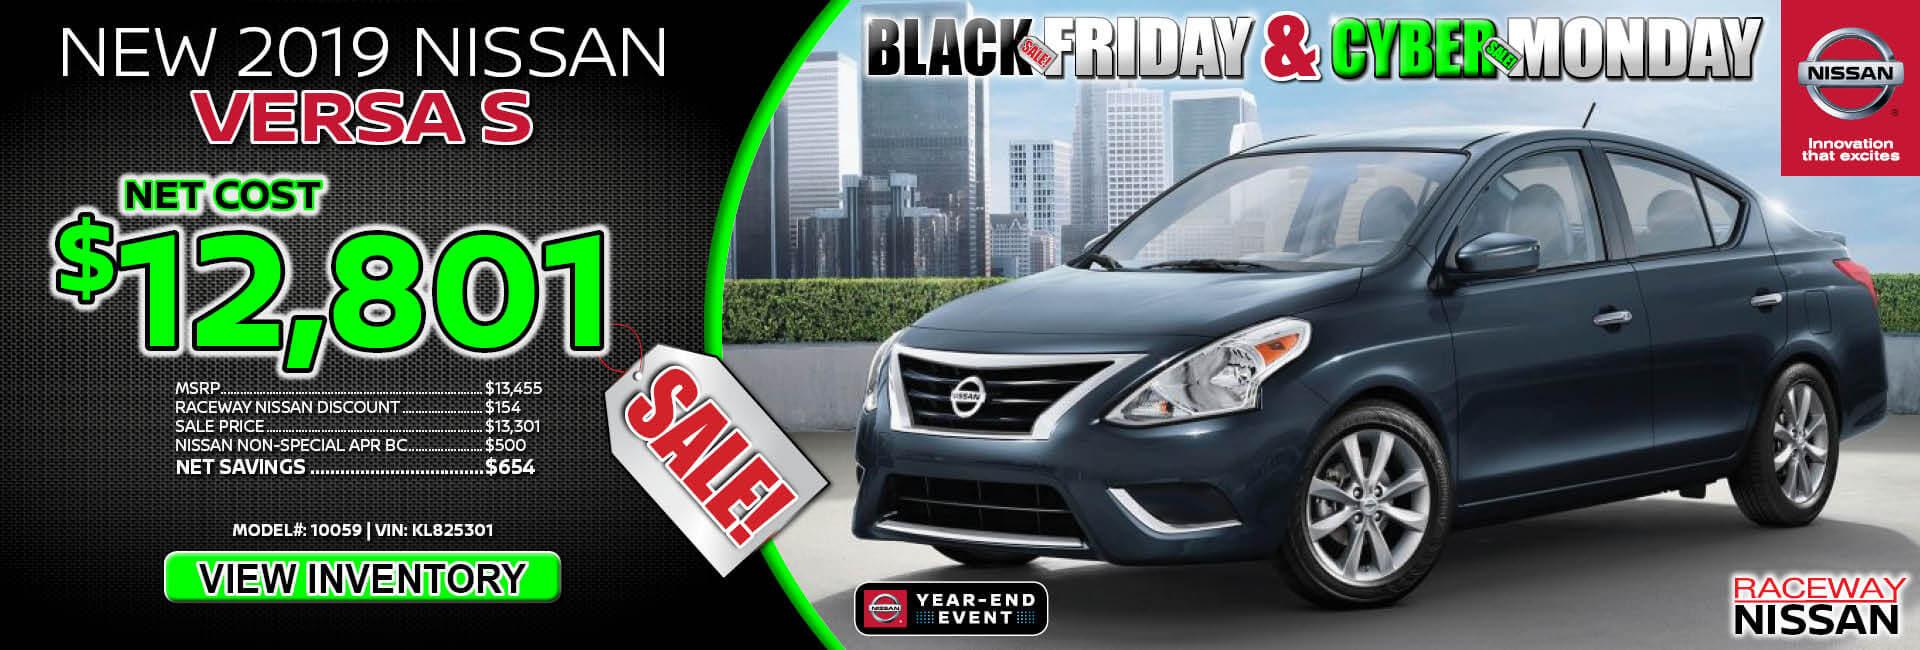 Nissan Versa $12,801 Purchase